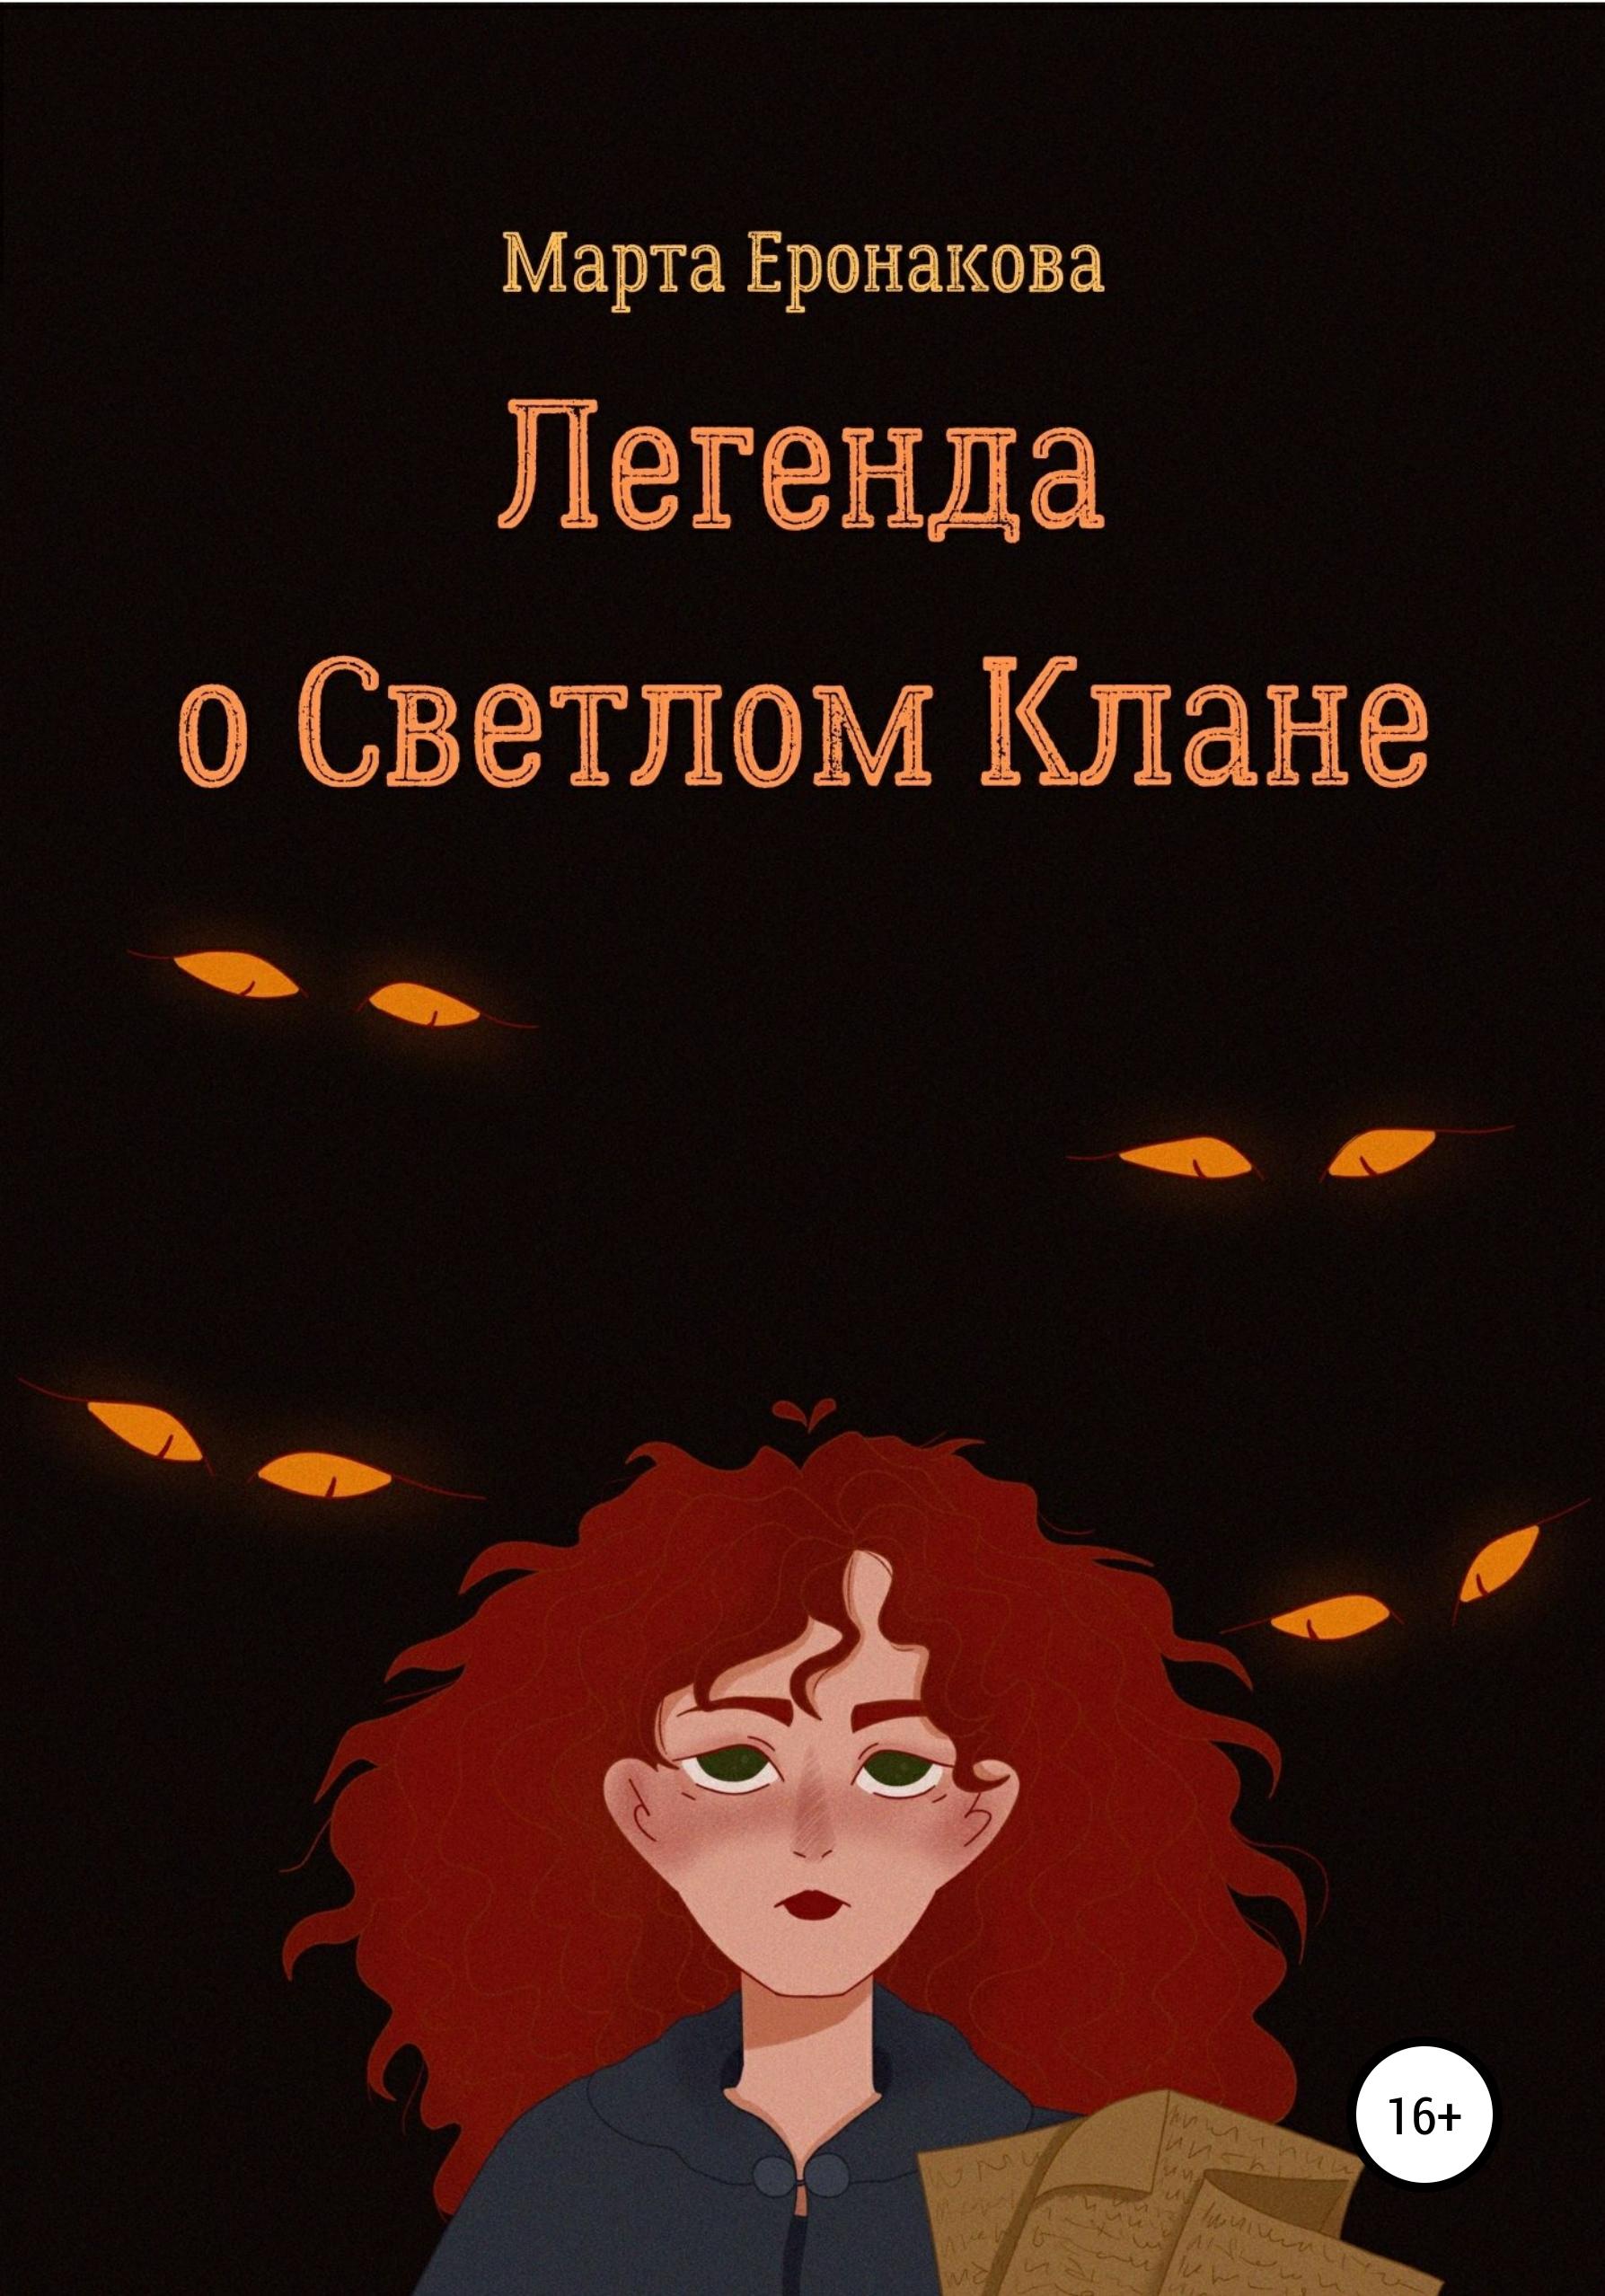 Купить книгу Легенда о Светлом Клане, автора Марты Дмитриевны Еронаковой